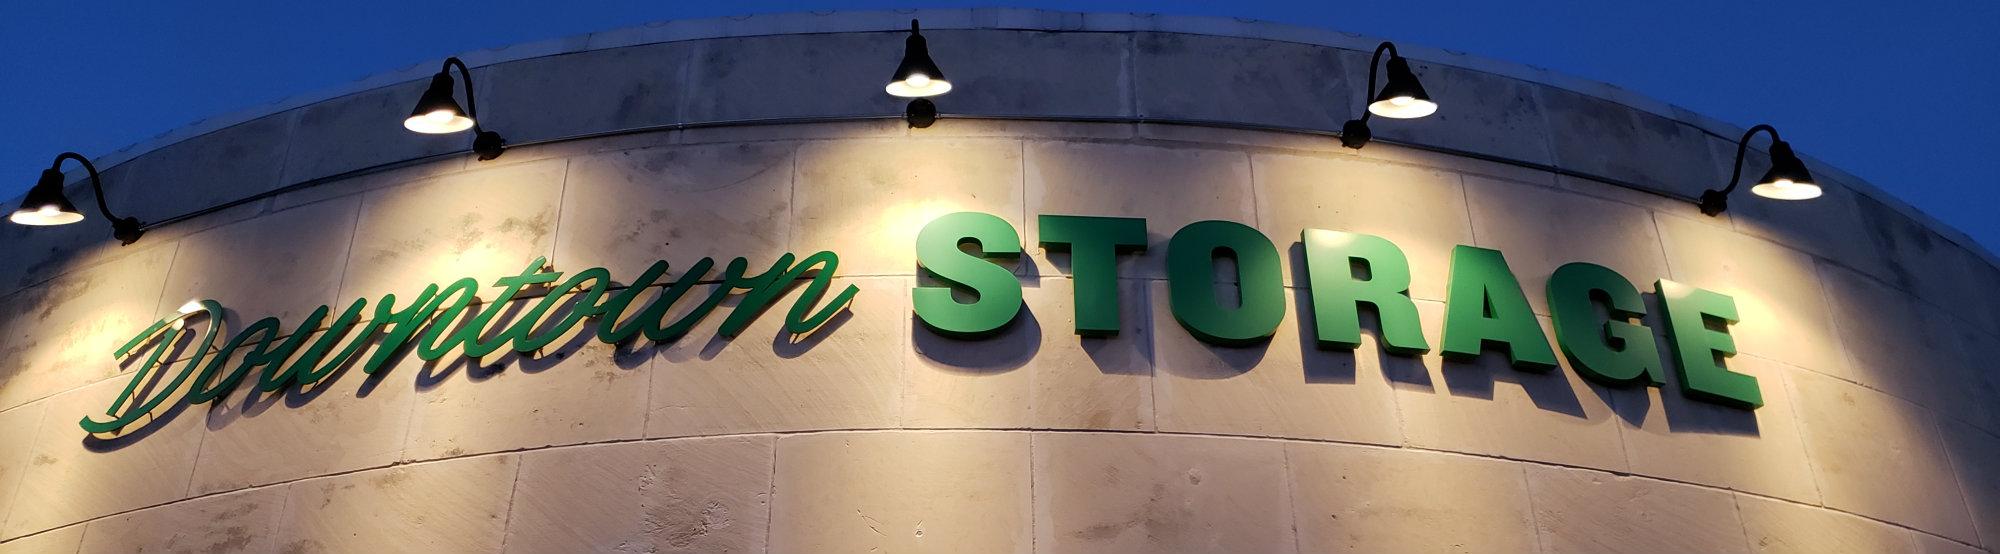 Downtown Storage Waco